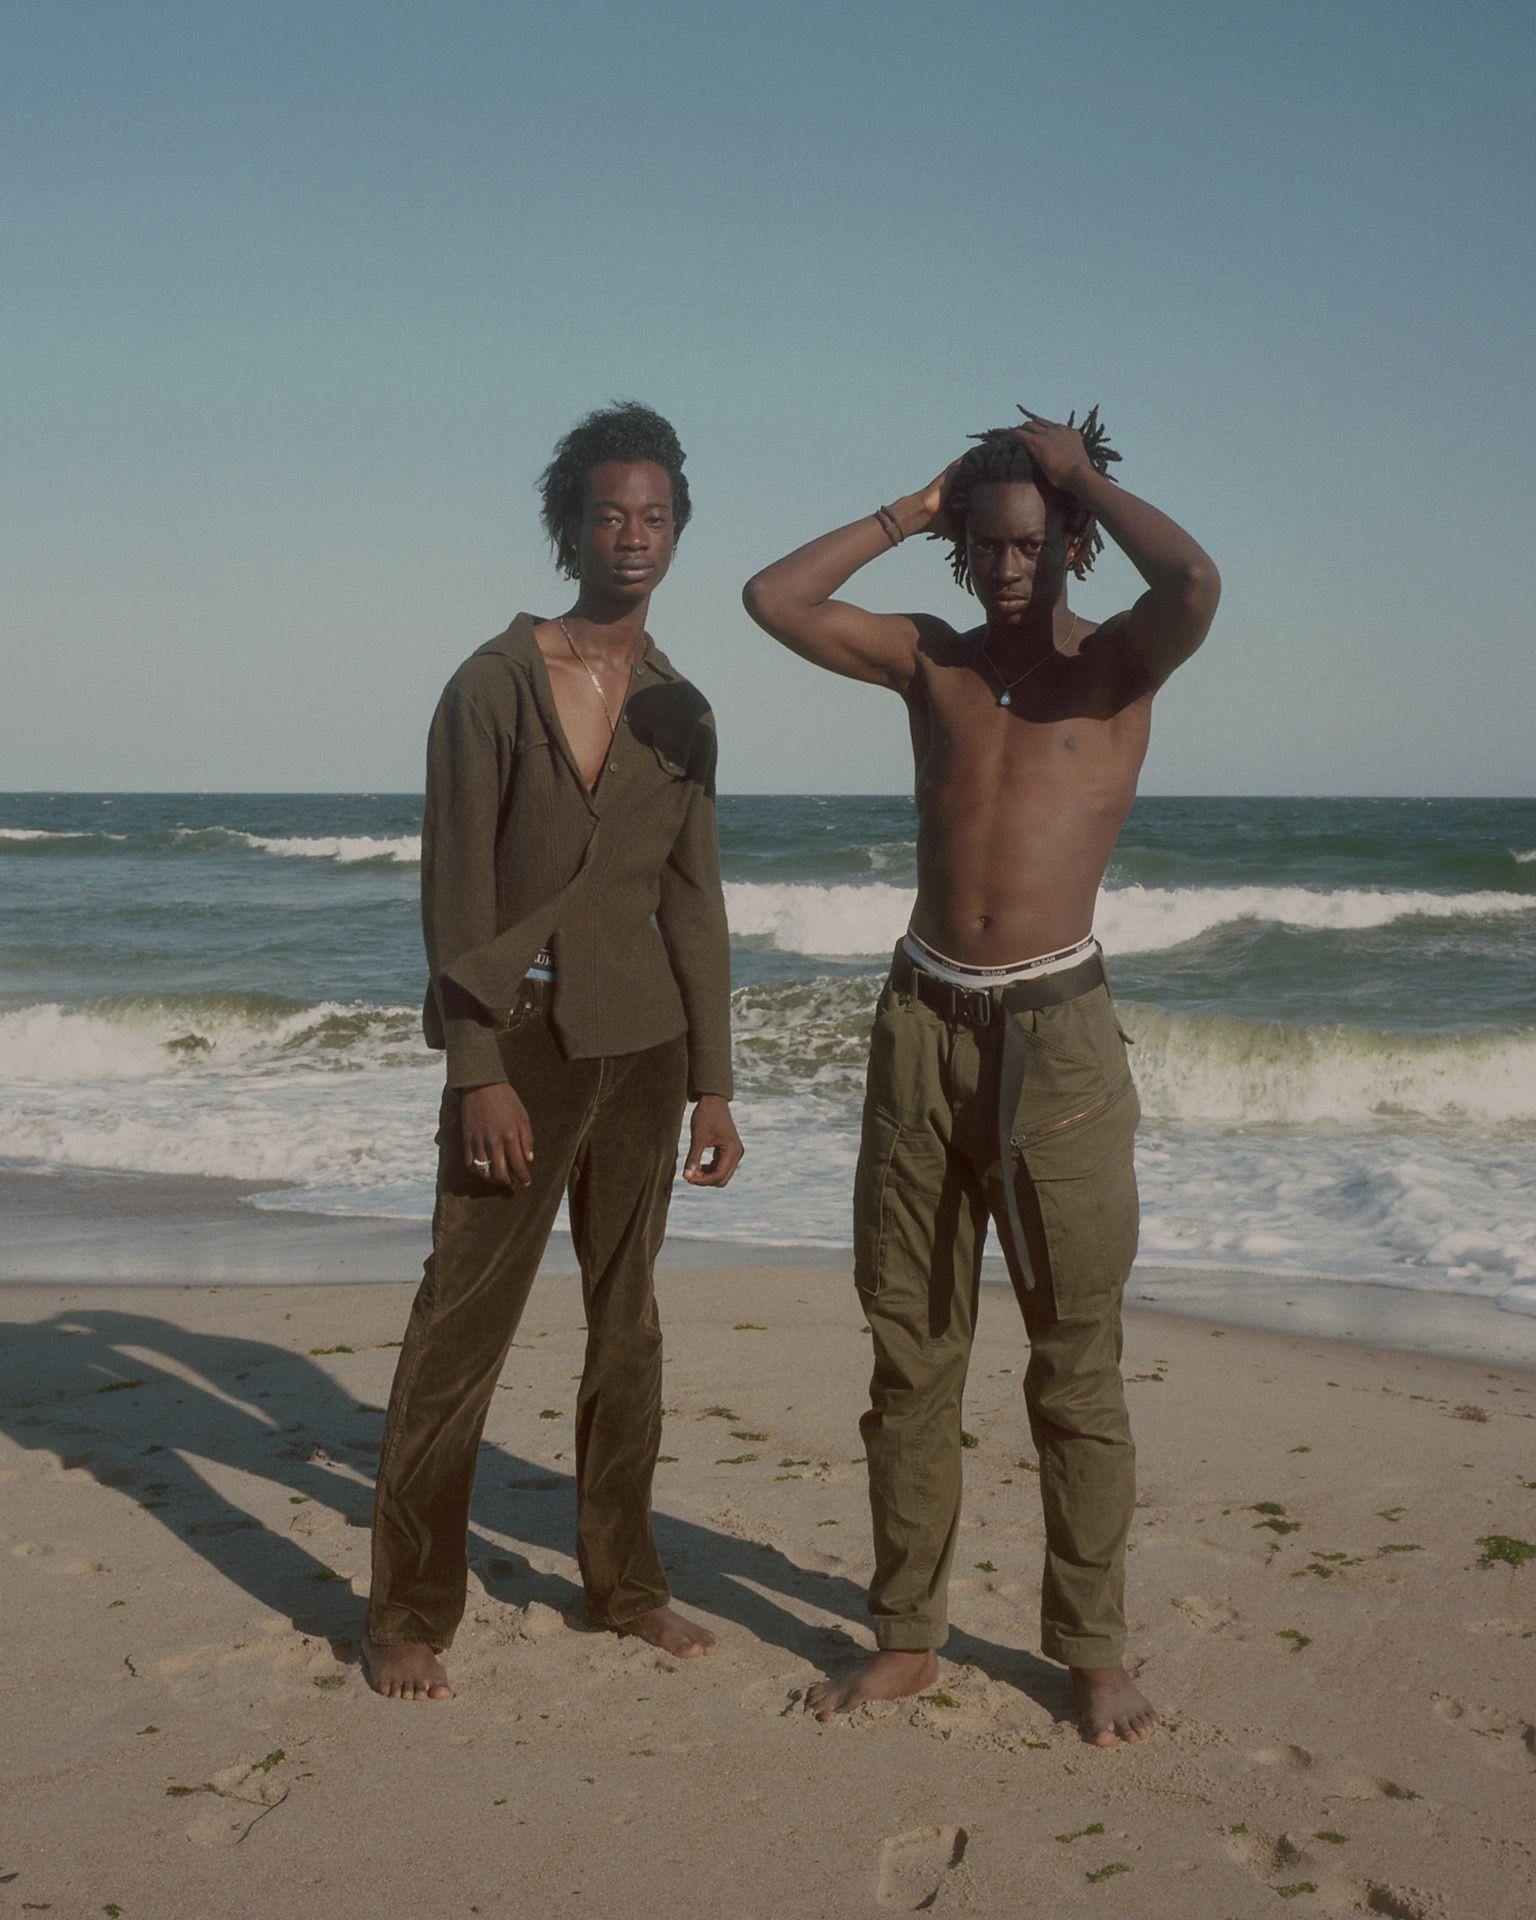 deux hommes noirs posant sur la plage debout l'un deux se touchant les cheveux les vagues s'écrasant derrière eux par Oumayma B. Tanfous pour DAZED